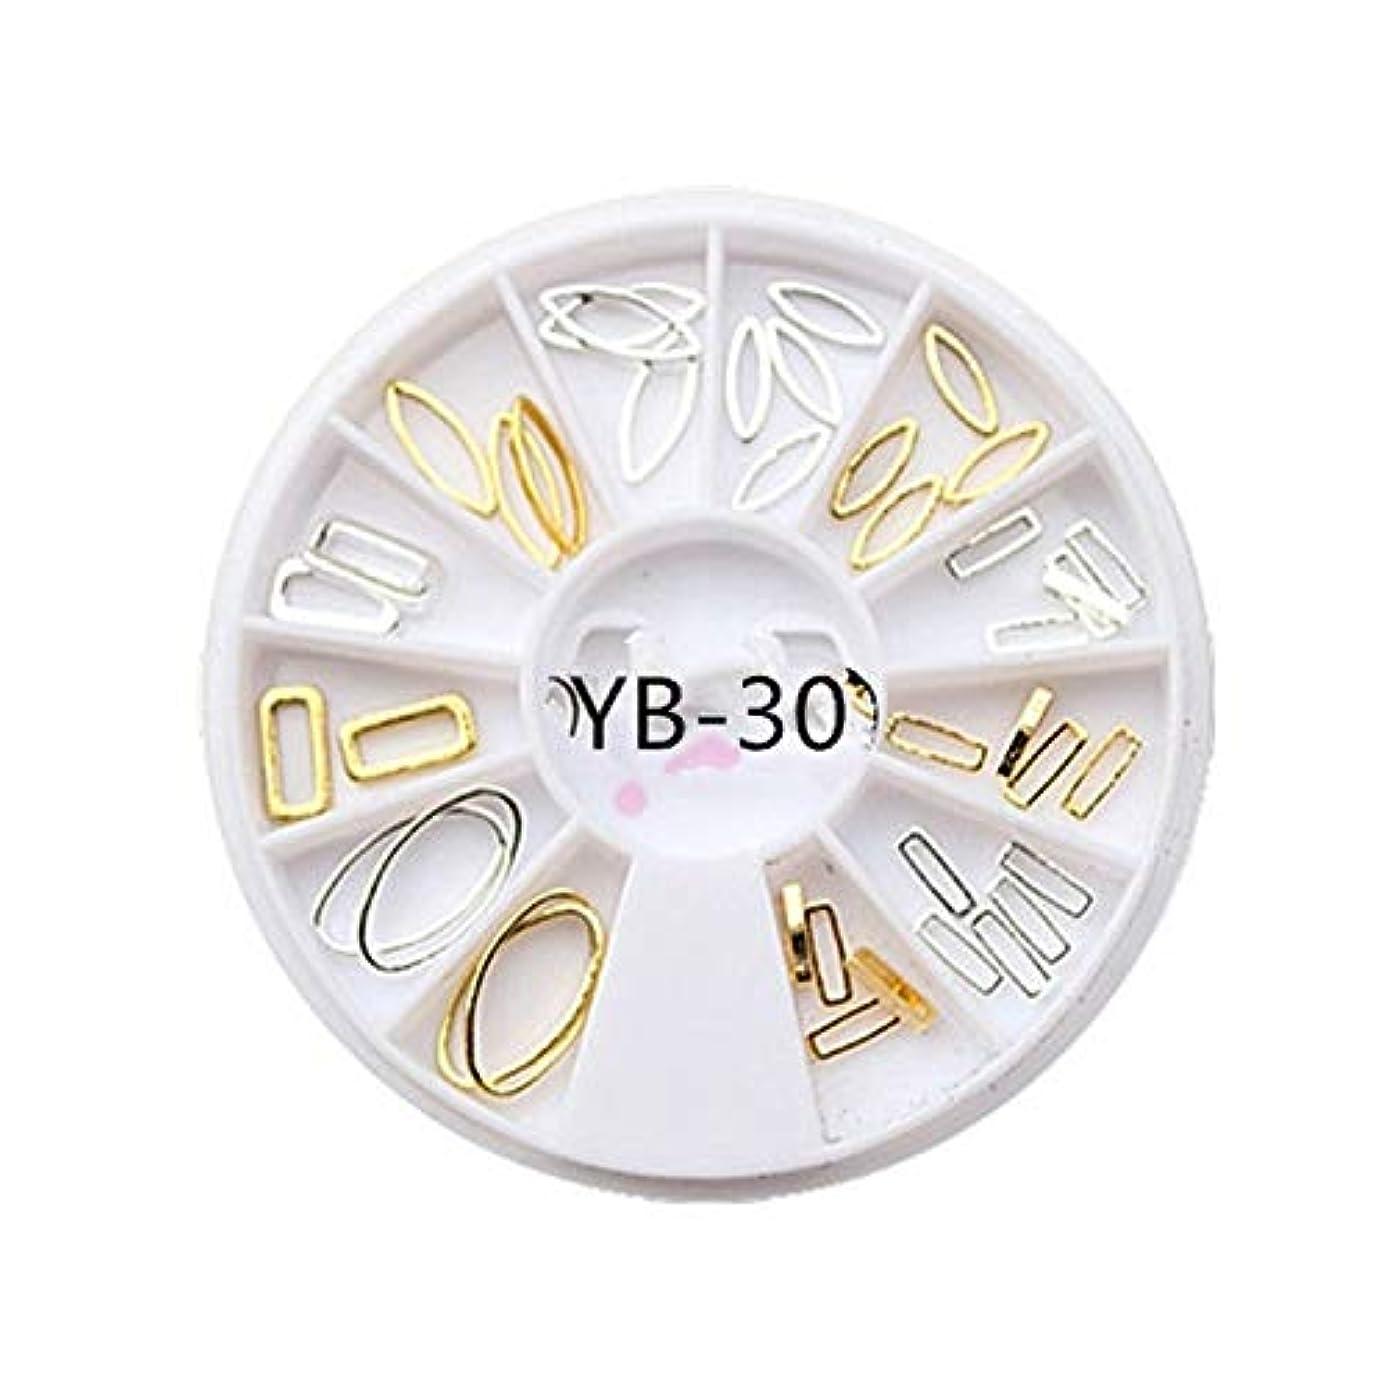 インレイテセウス対立CELINEZL CELINEZL 3個DIYマニキュアディスクオーナメントアークメタルリング不規則フレーム中空馬の目のリベット光線療法ネイルデコレーション(YB-27) (色 : YB-30)